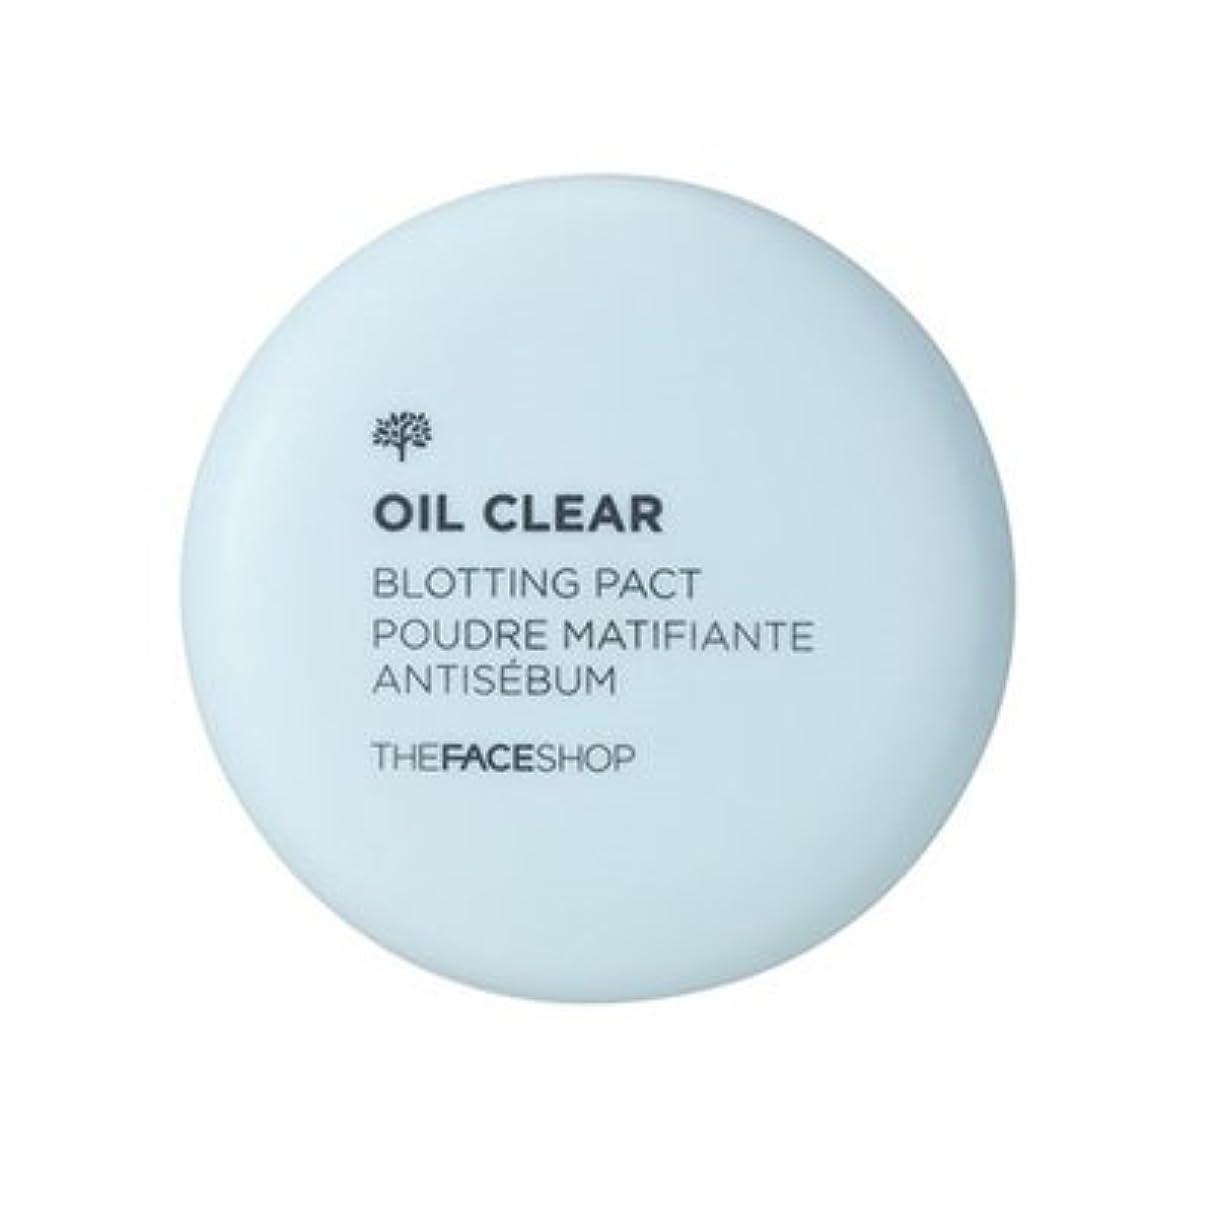 リングレット自然ベアリングサークルTHE FACE SHOP OIL CLEAR BLOTTING PACT ザフェイスショップ オイルクリアー油取り紙パクト [並行輸入品]